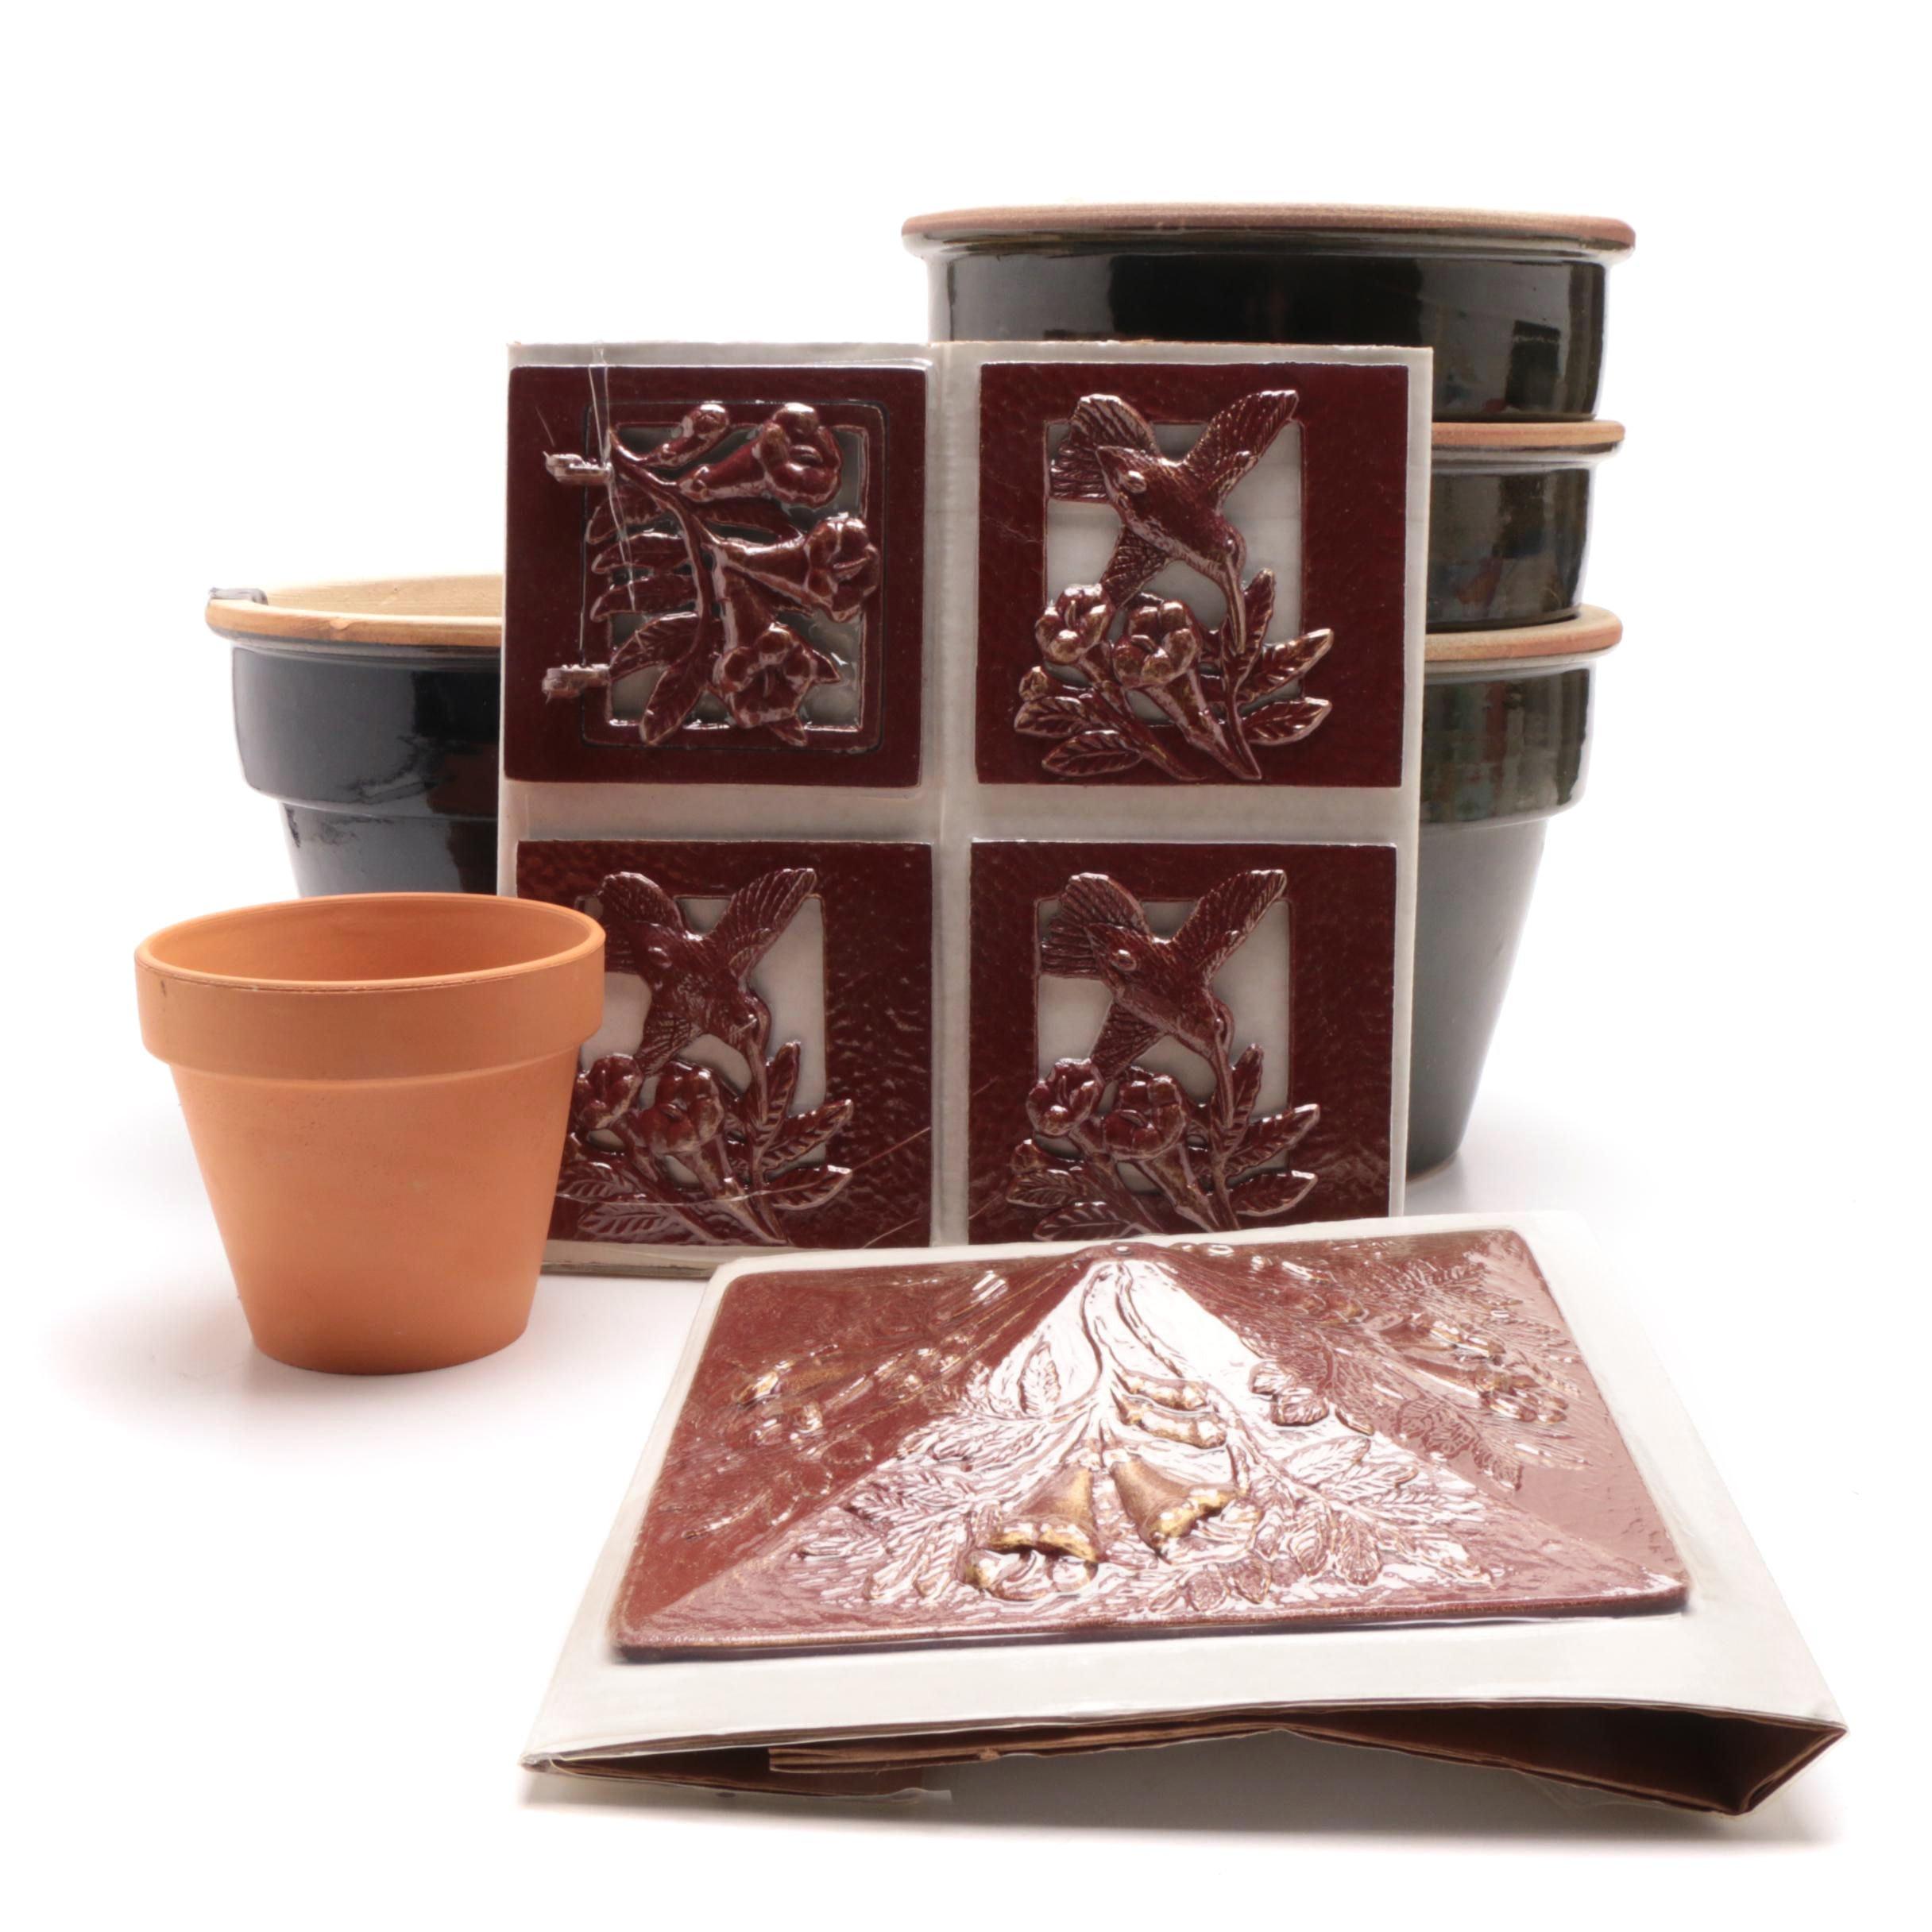 Ceramic Planters and Metal Lantern Kit